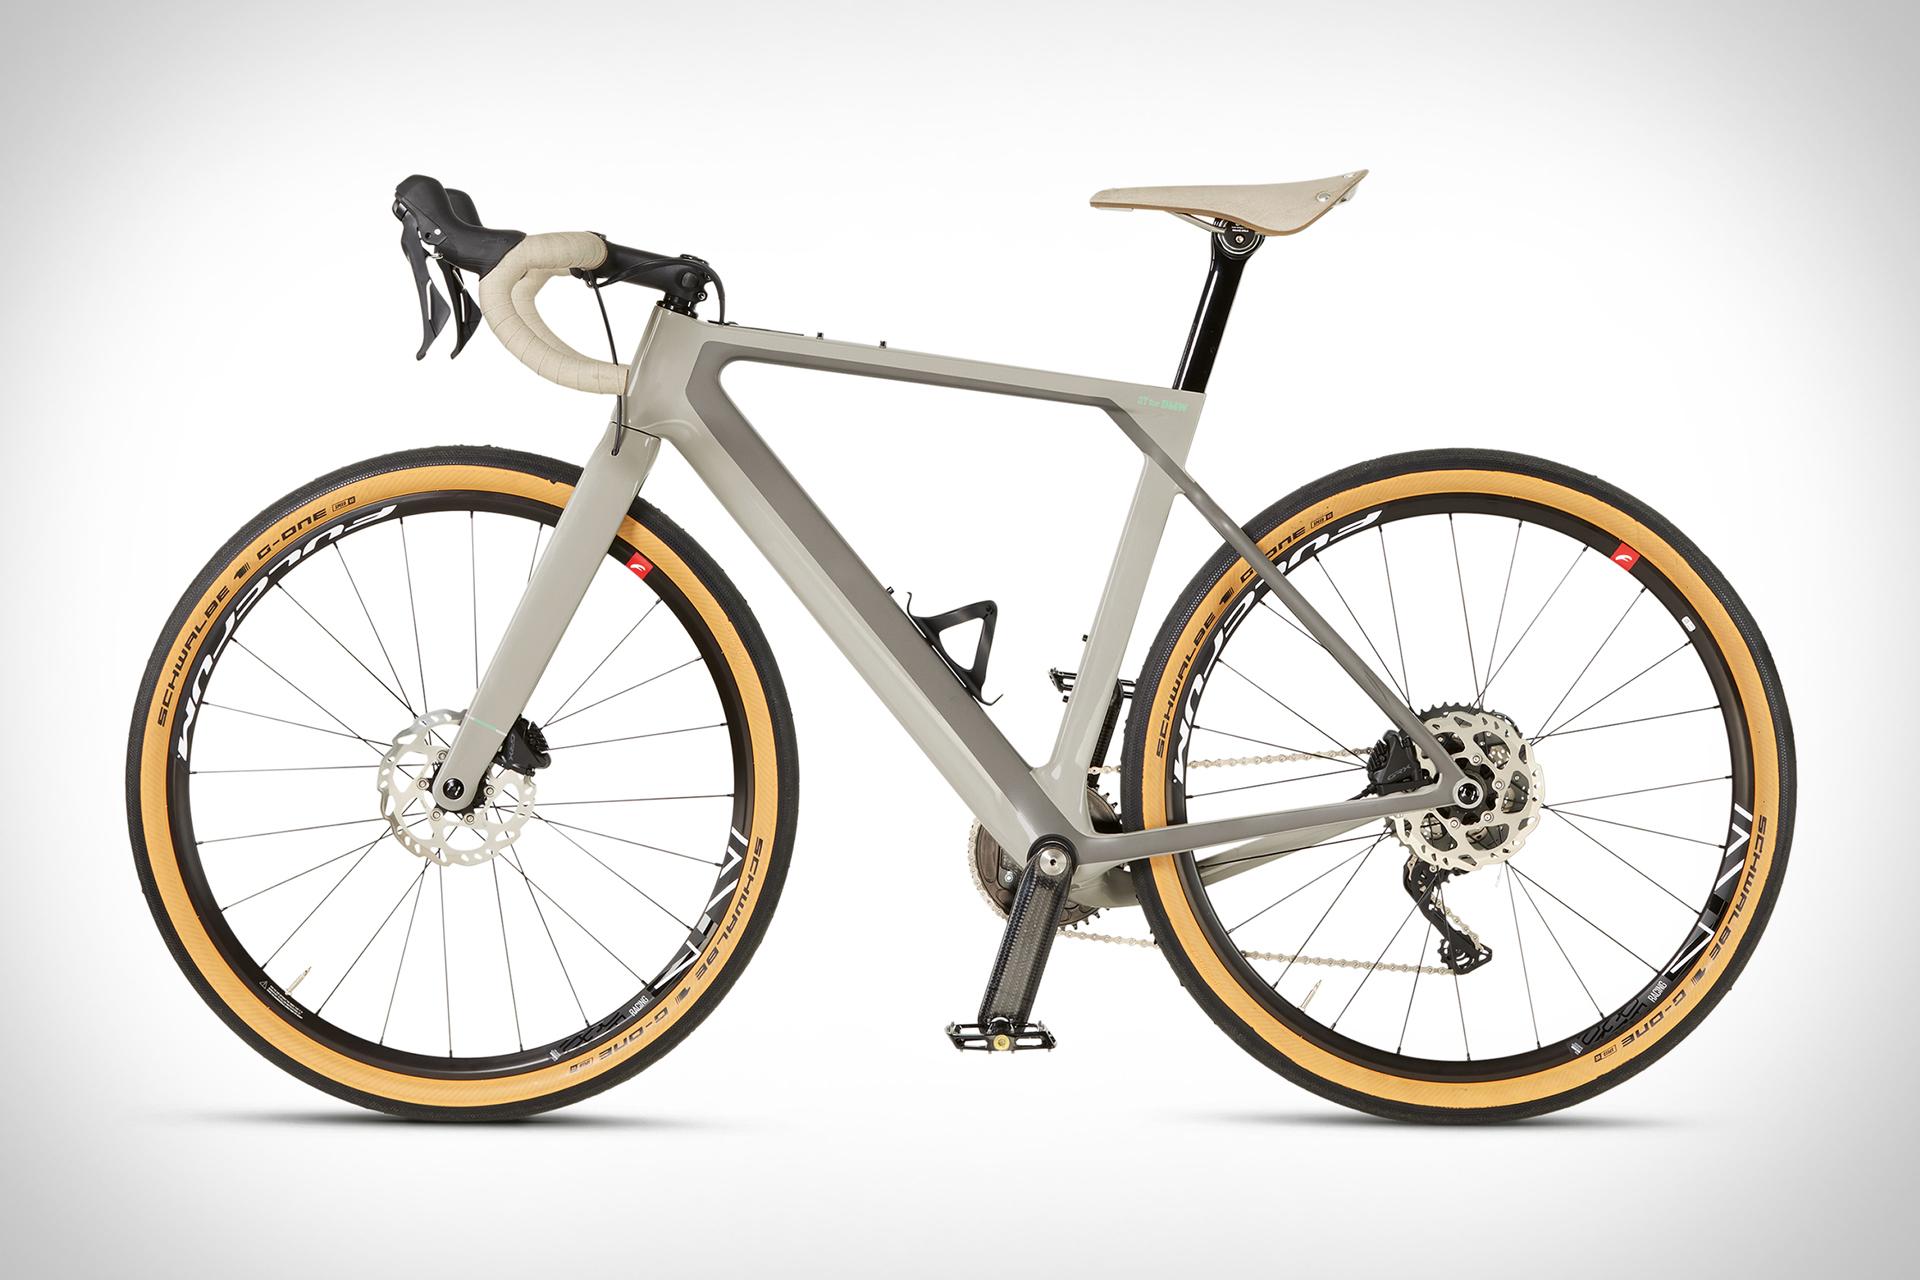 3T x BMW Exploro Bicycle